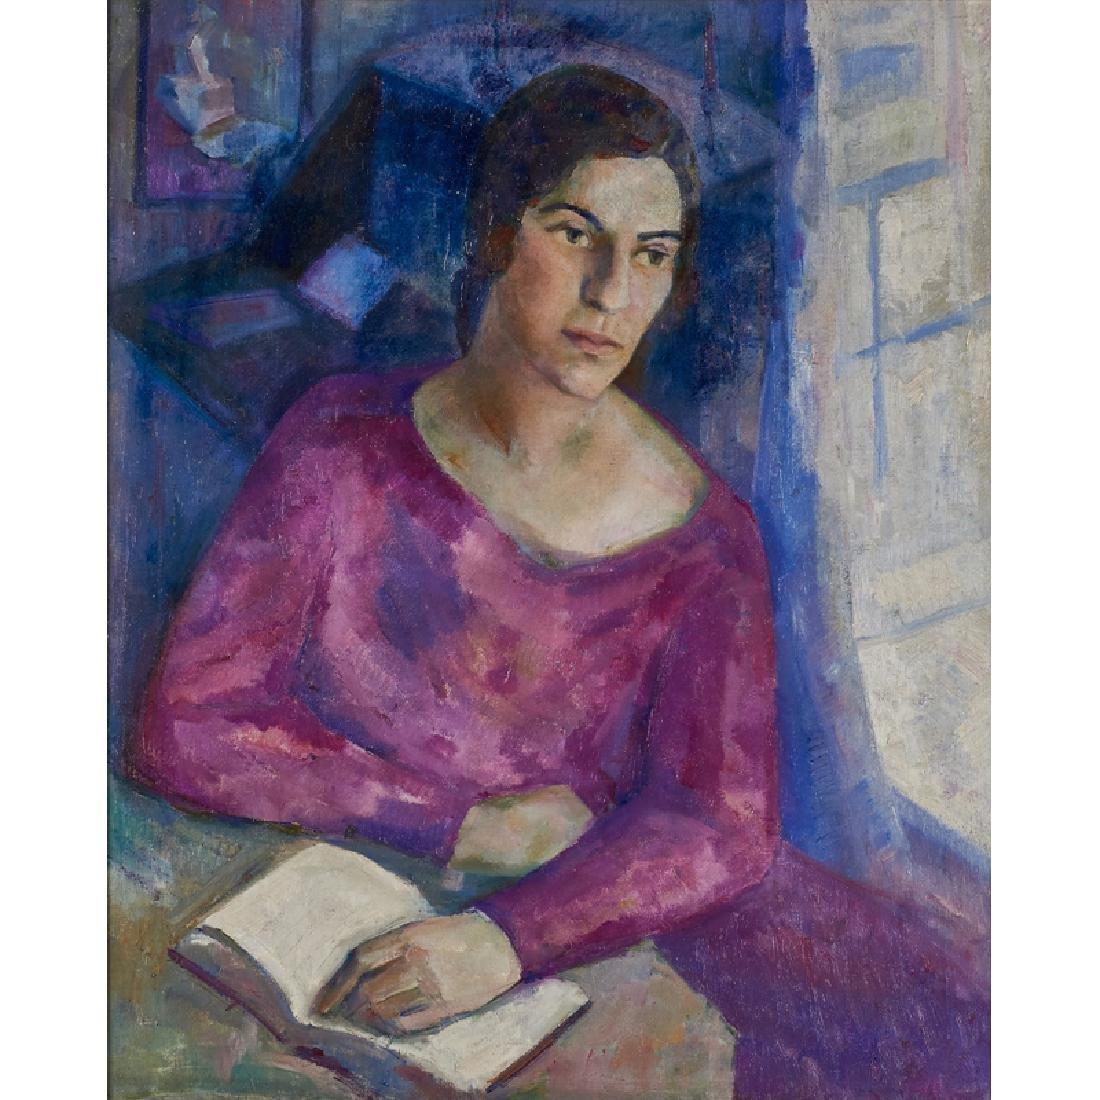 Dorcas Cooke Doolittle (American, 1901-1993)